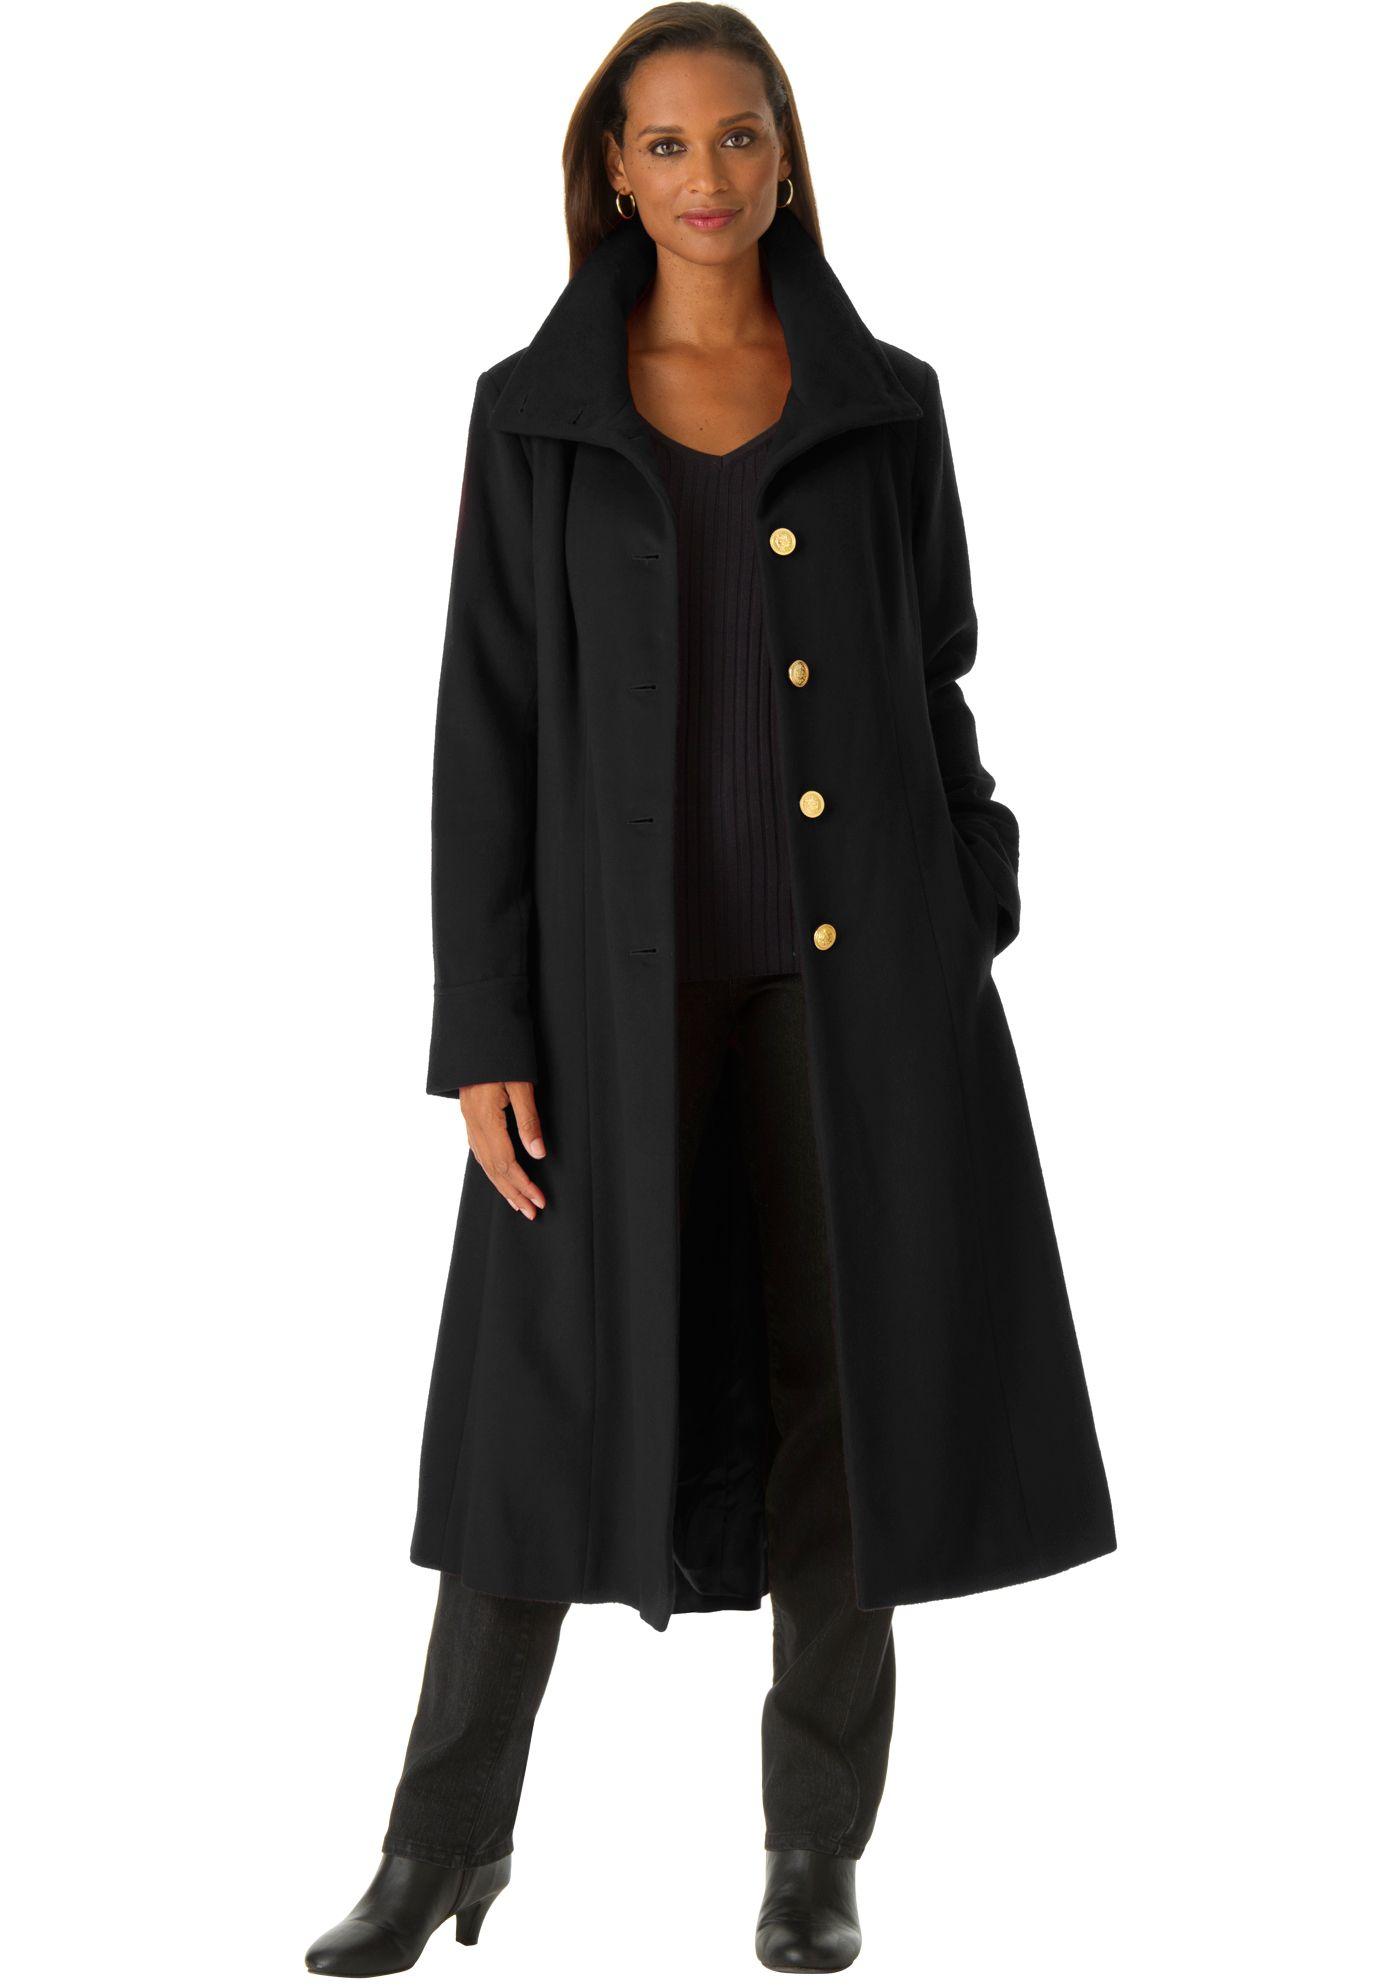 Long Military Coat Military Long Coat Coat Military Coat